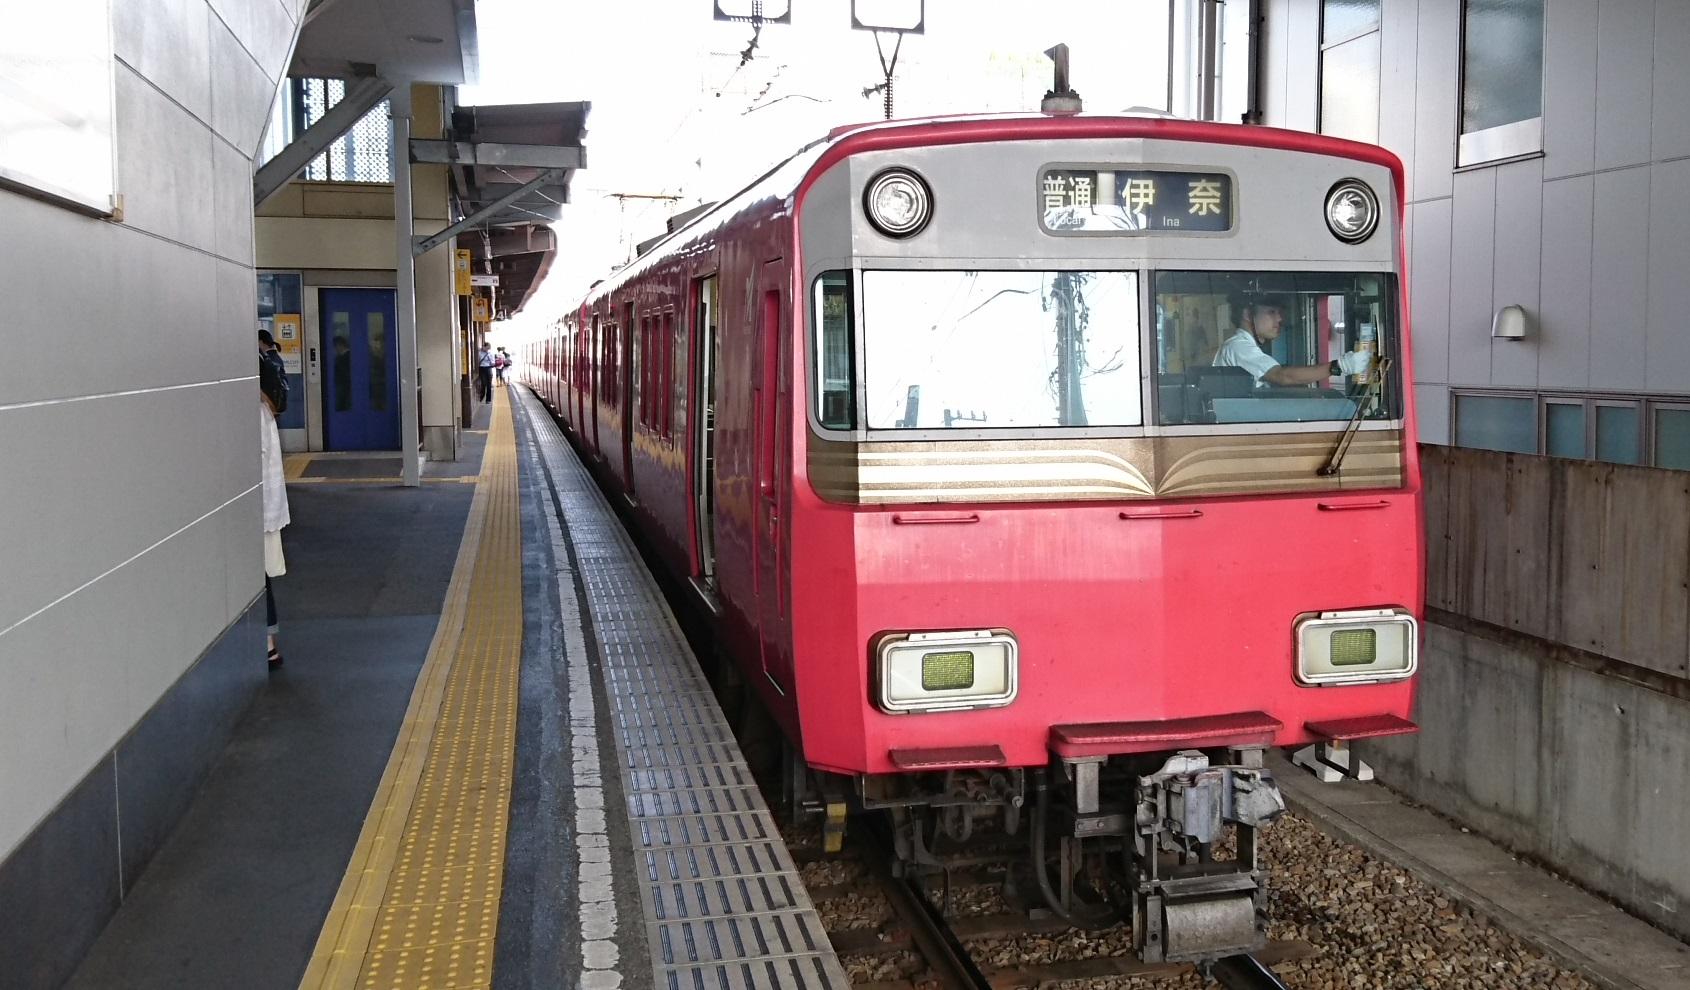 2017.8.30 豊川 (3) 東岡崎 - 東岡崎いきふつう 1690-990